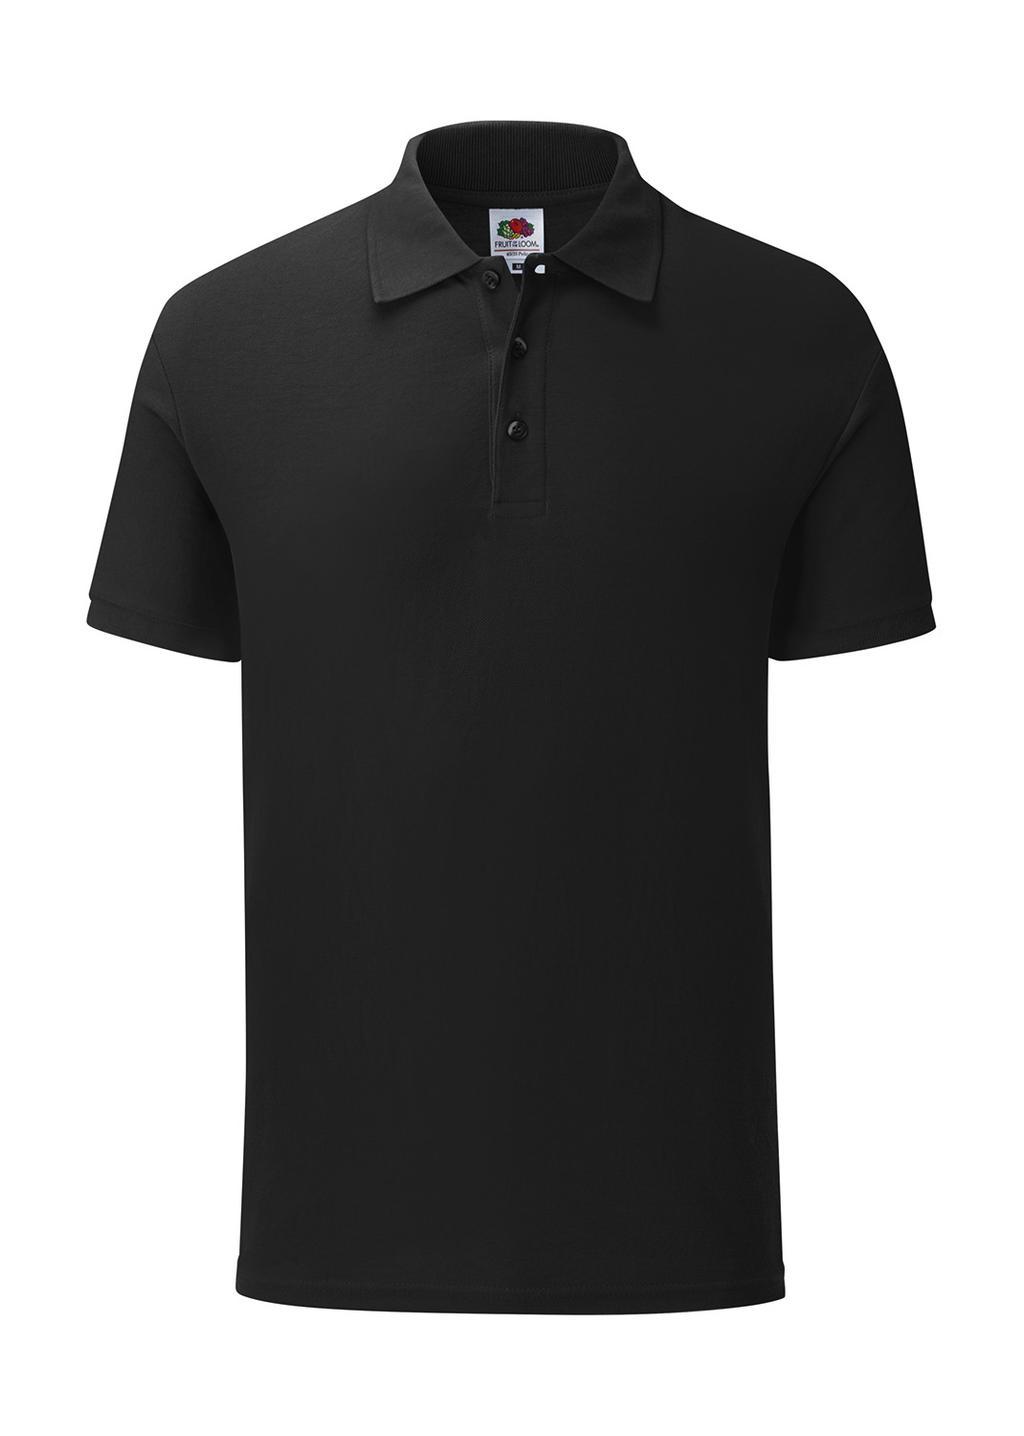 65/35 Tailored Fit Polo - zvìtšit obrázek